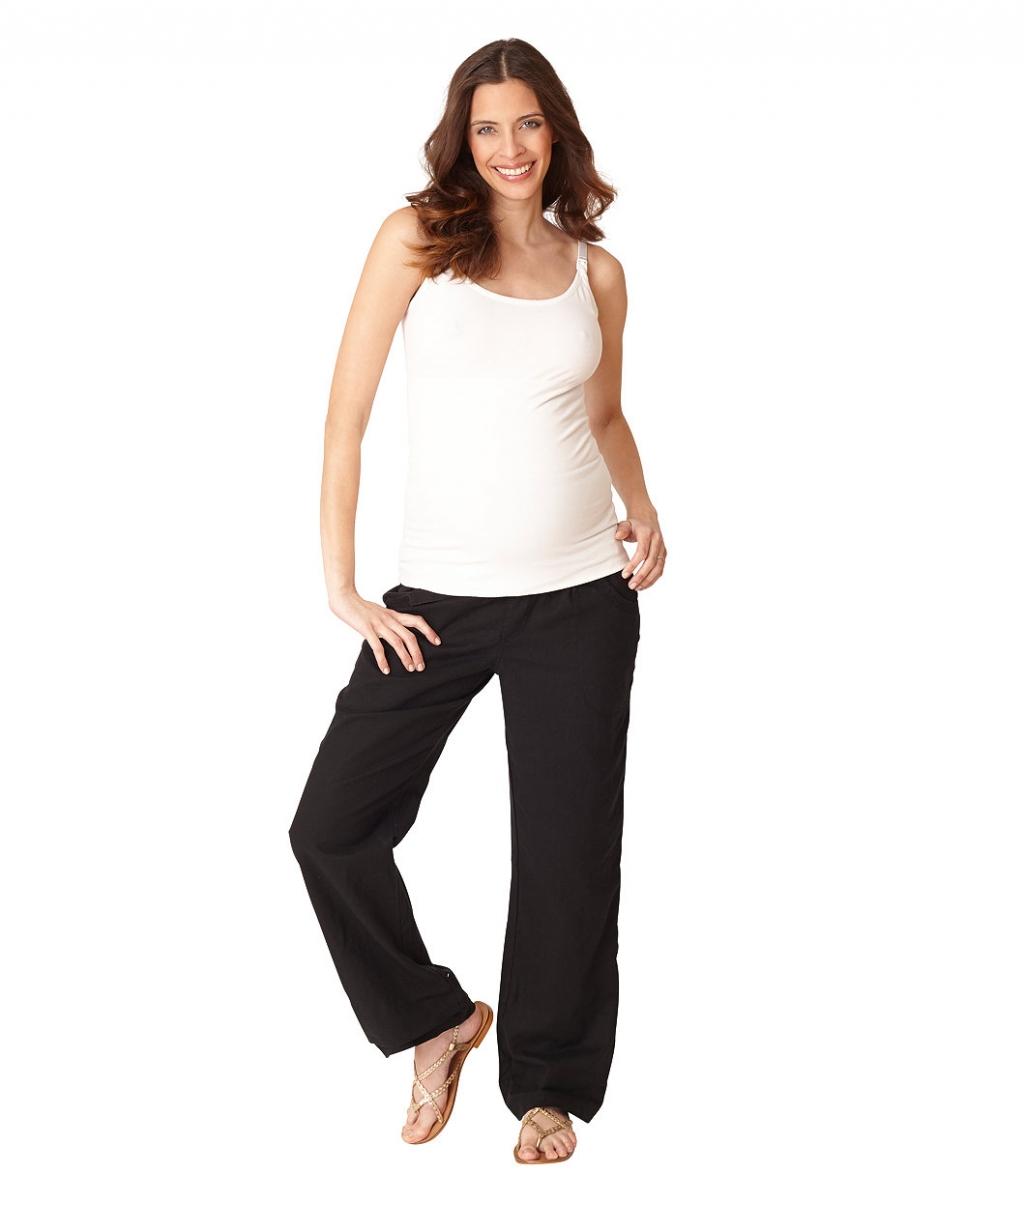 Брюки чорні лляні в стилі Casual для майбутніх мам (Mothercare)